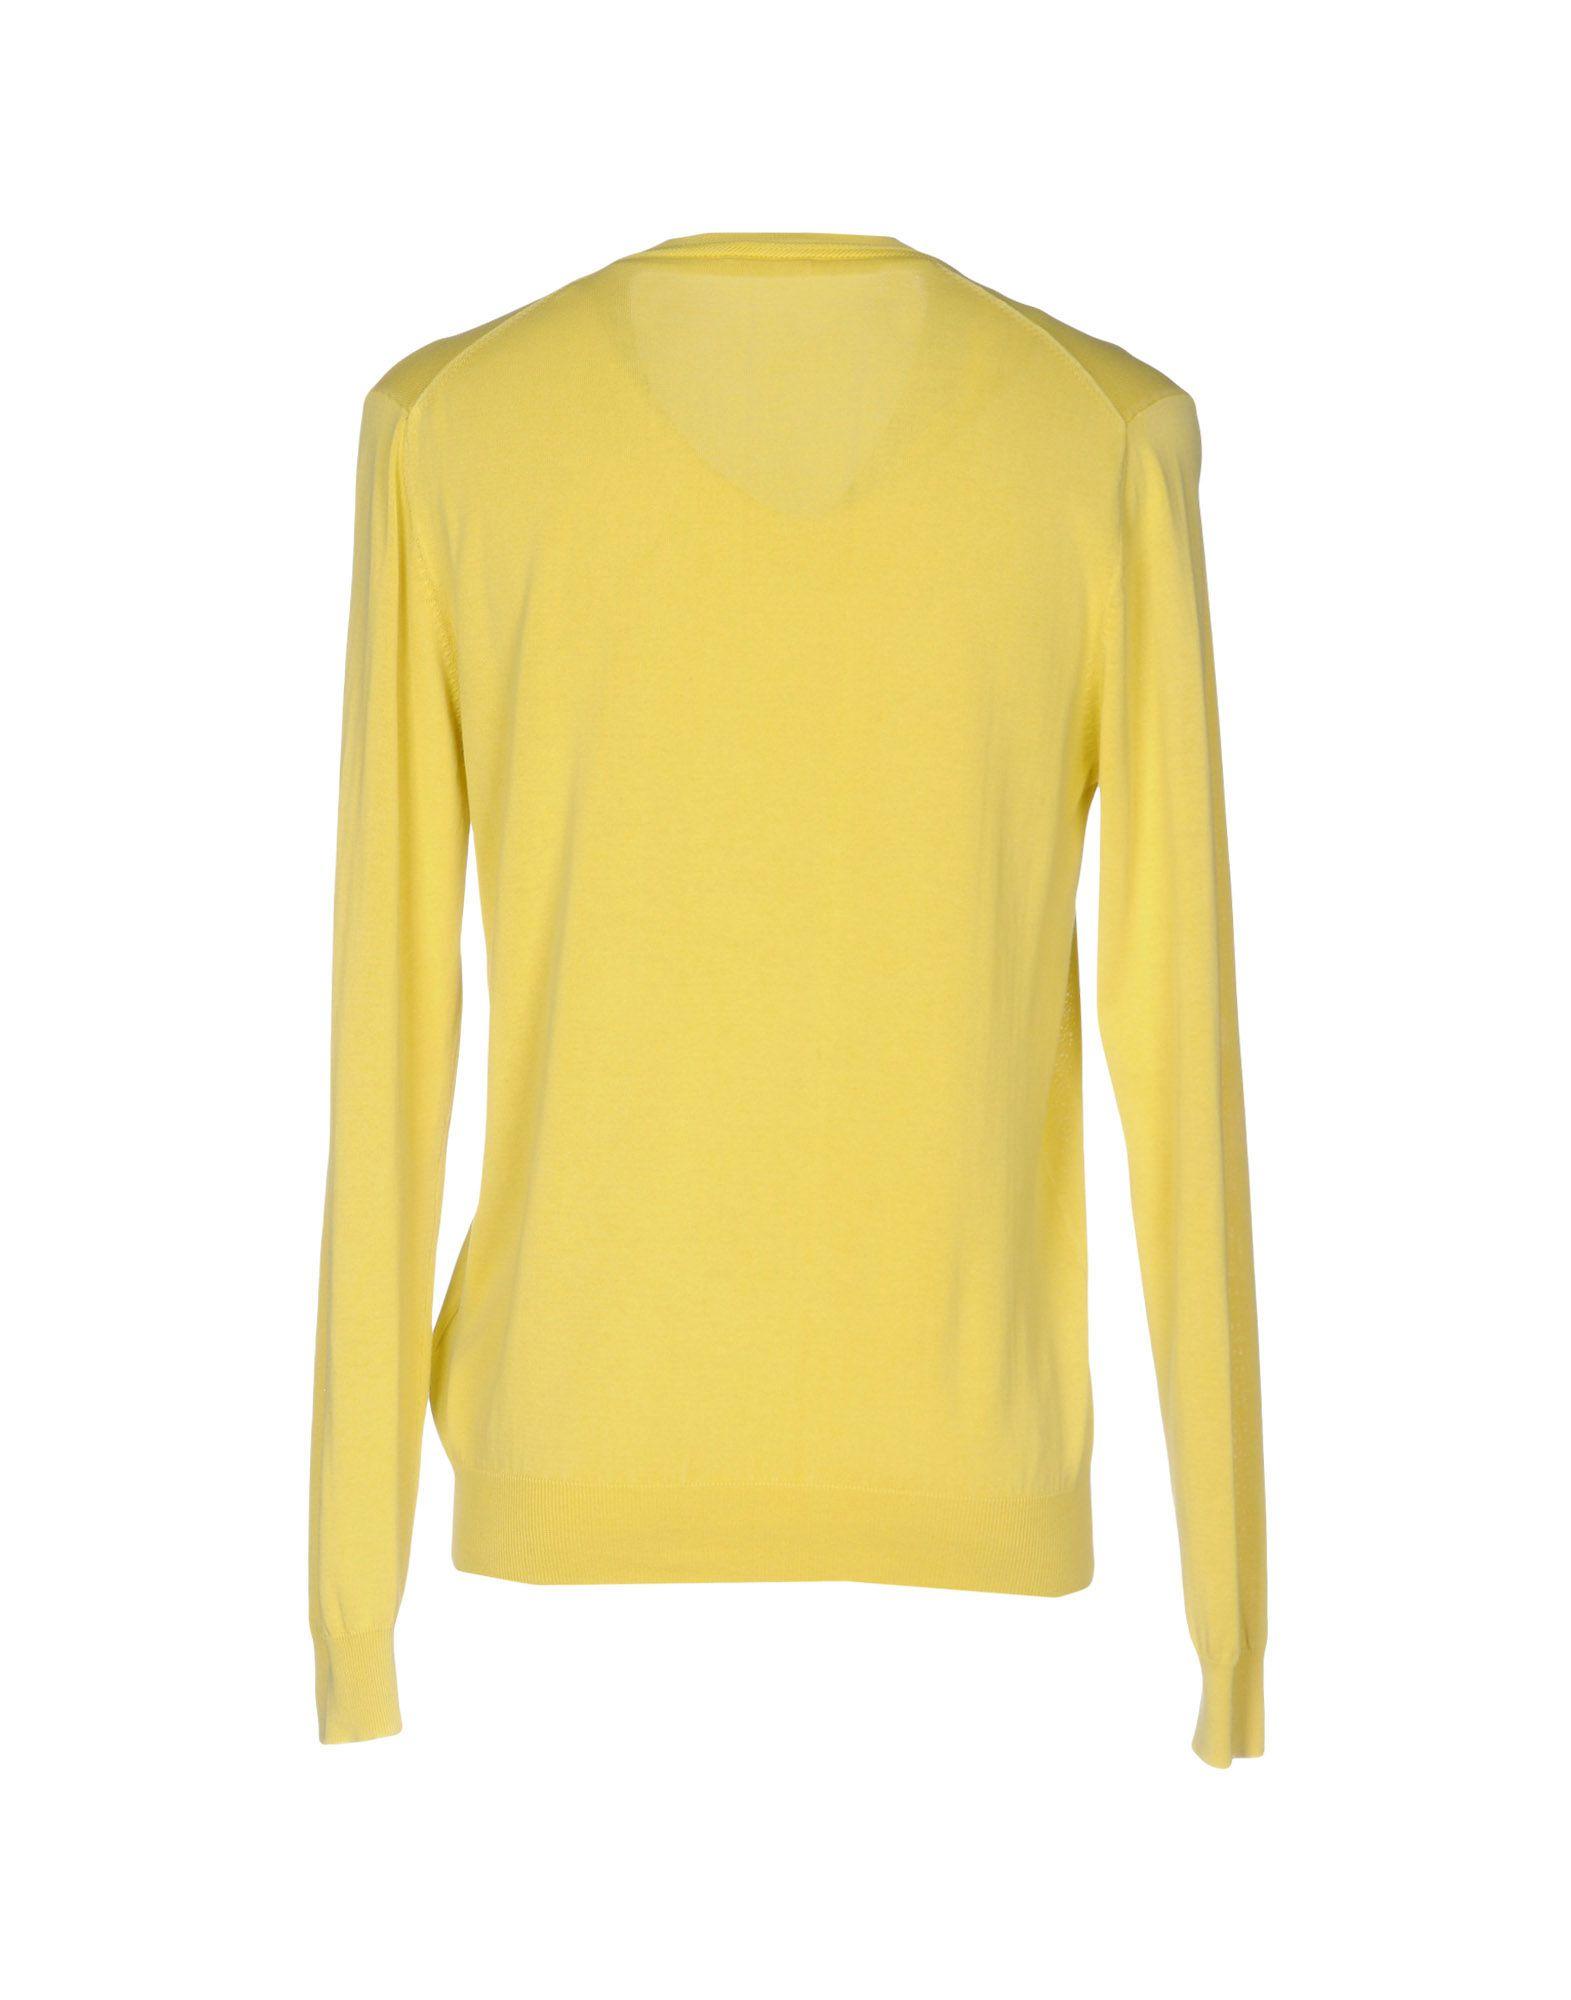 Pullover Paolo Pecora Uomo - 39791400SH 39791400SH - 721daa